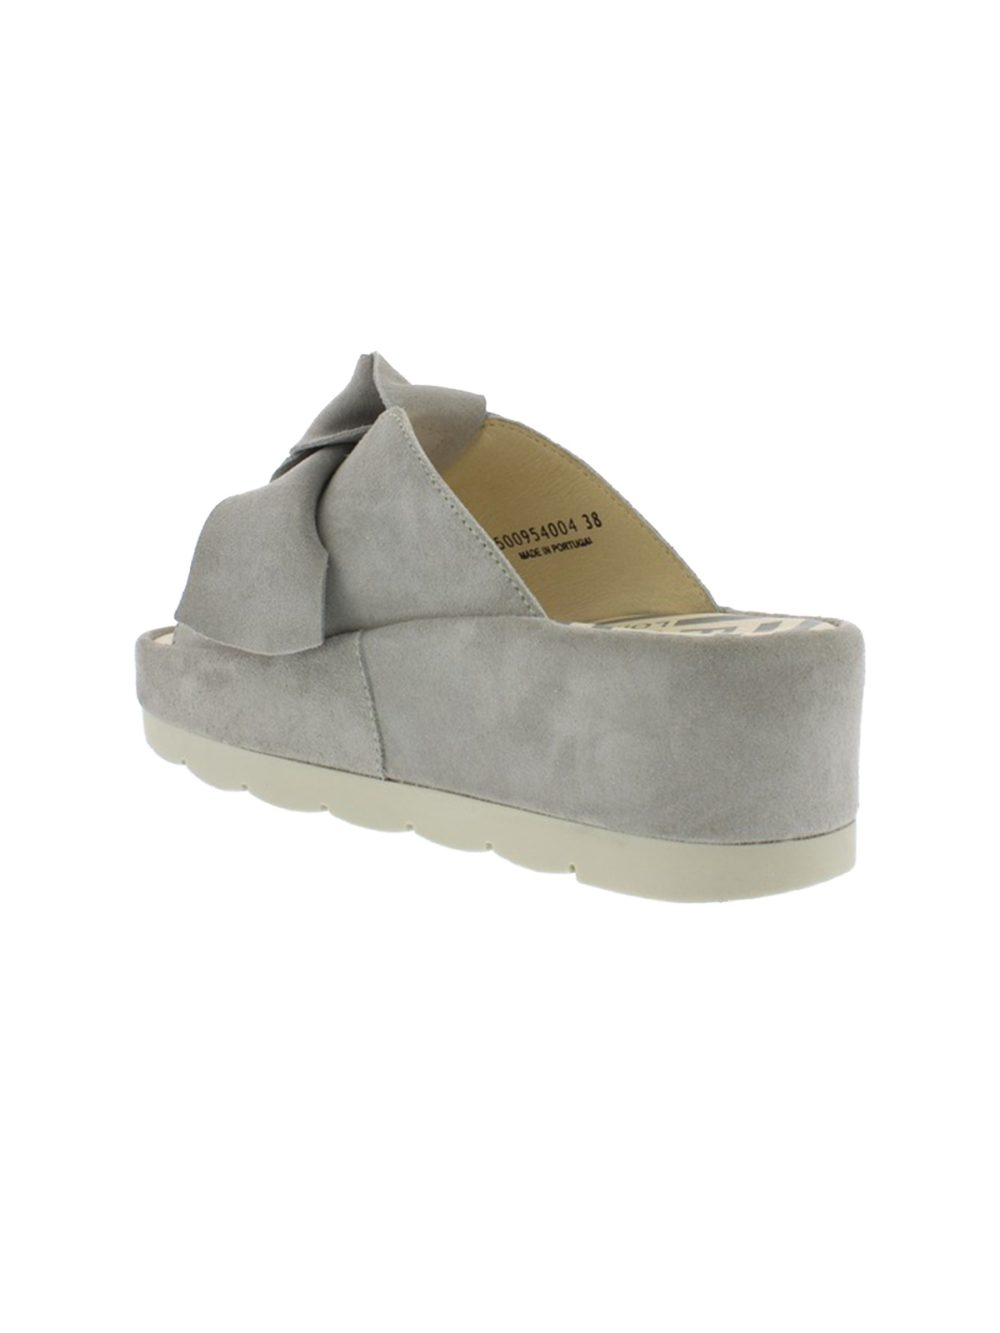 Bade Sandal Fly London Katie Kerr Women's Shoes